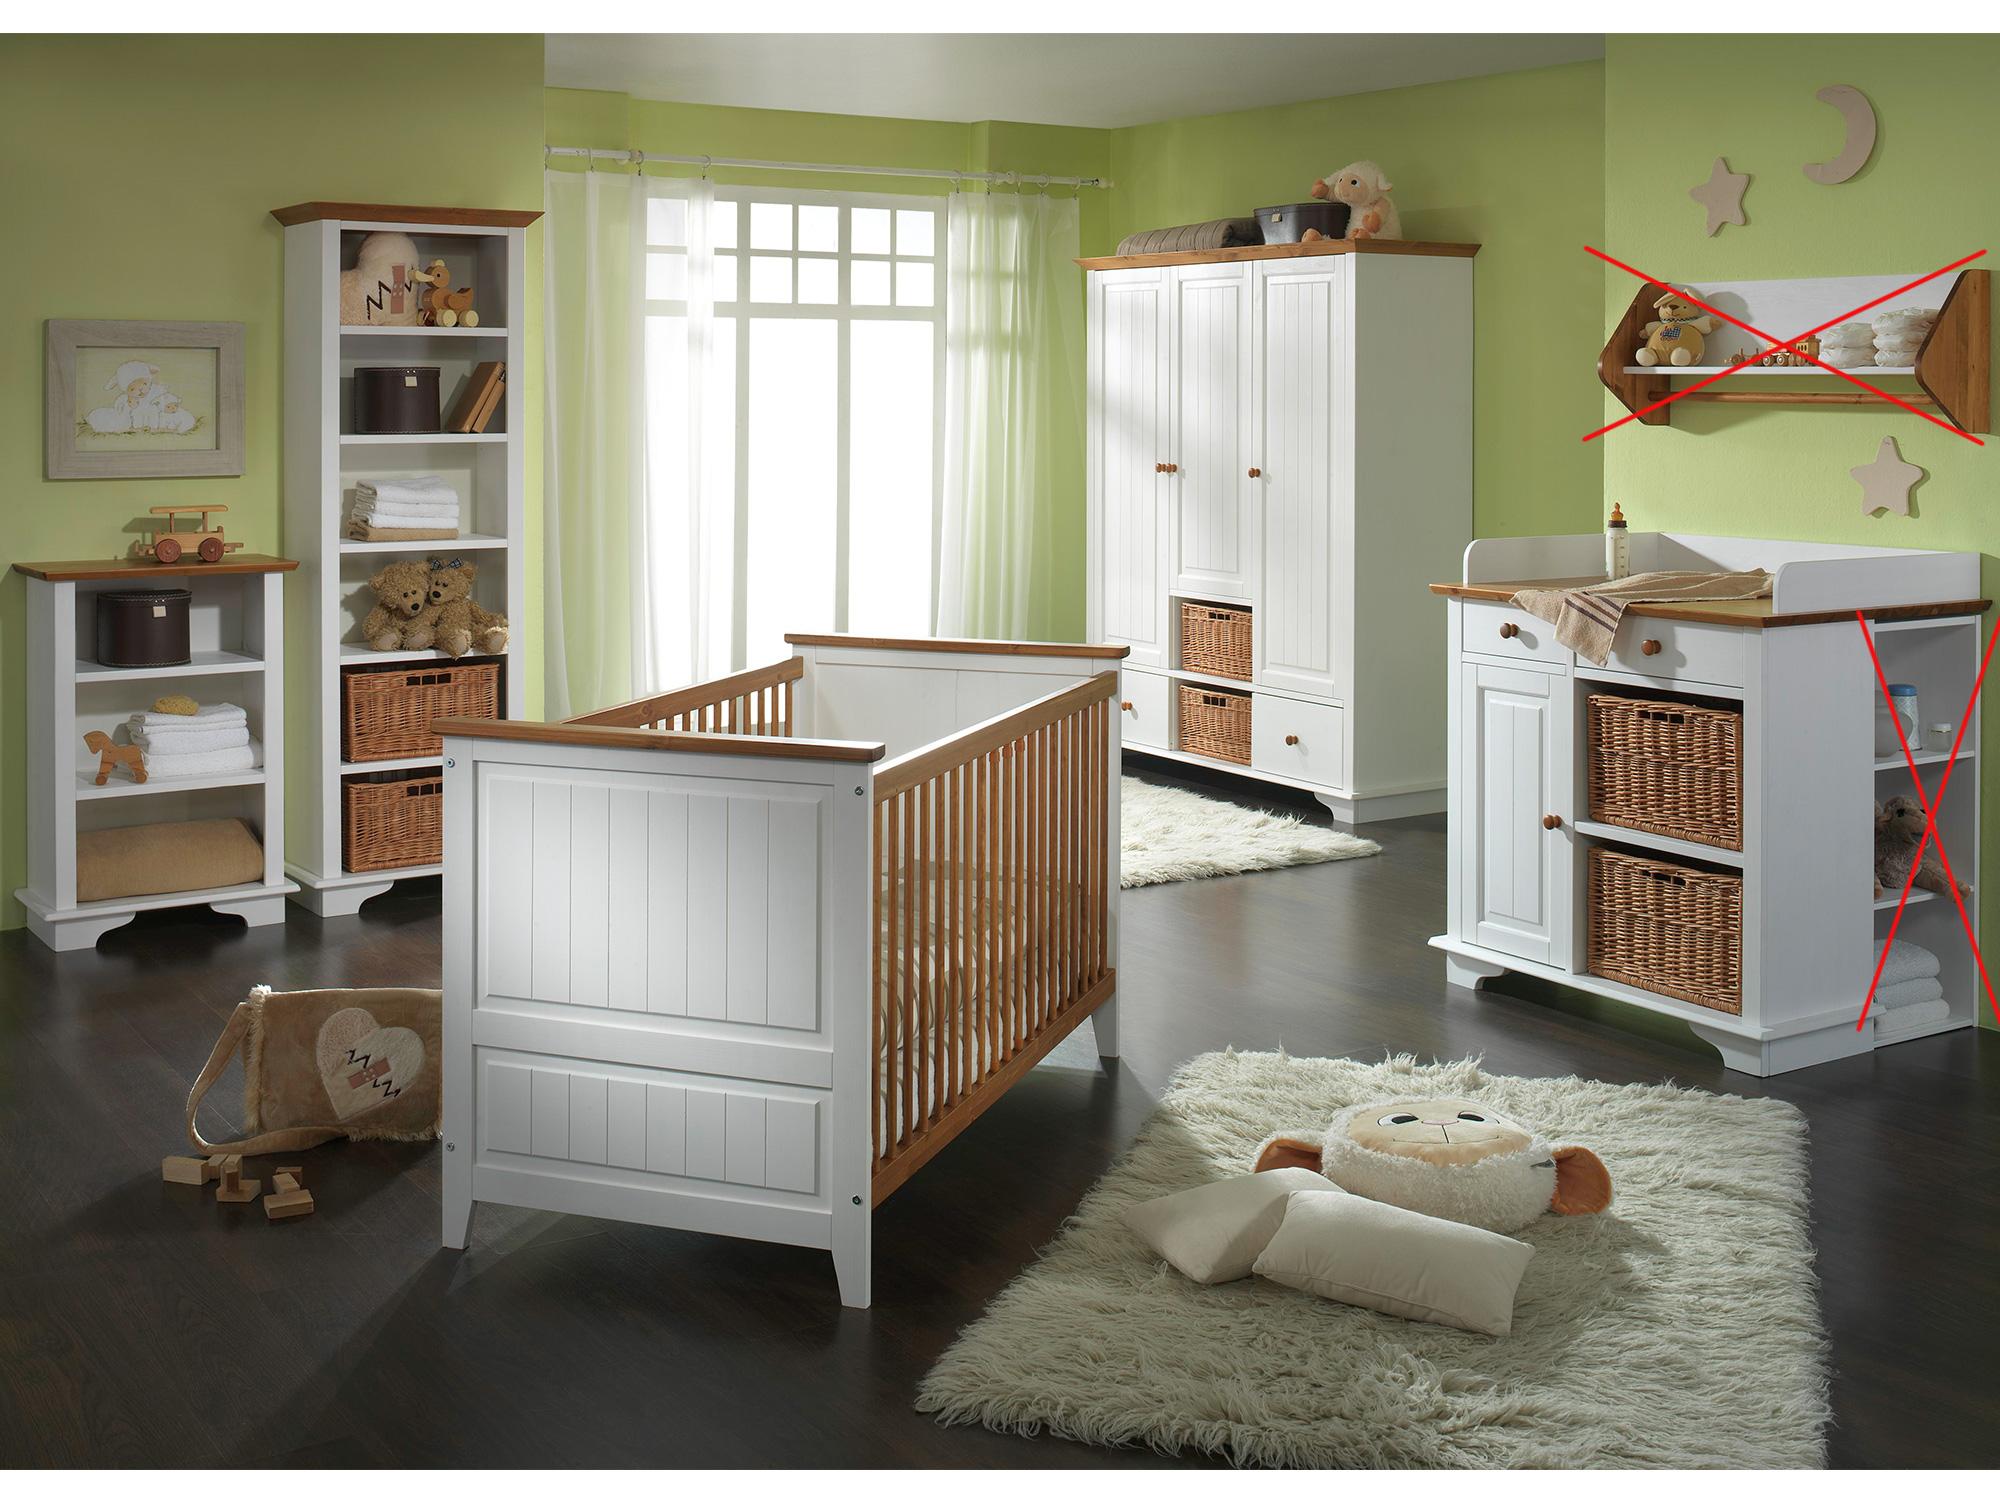 Full Size of Jamie Babyzimmer Schlafzimmer Komplett Poco Günstige Bett Badezimmer Sofa Kinderzimmer Regal Günstig Komplettangebote Dusche Set Mit Lattenrost Und Matratze Kinderzimmer Baby Kinderzimmer Komplett